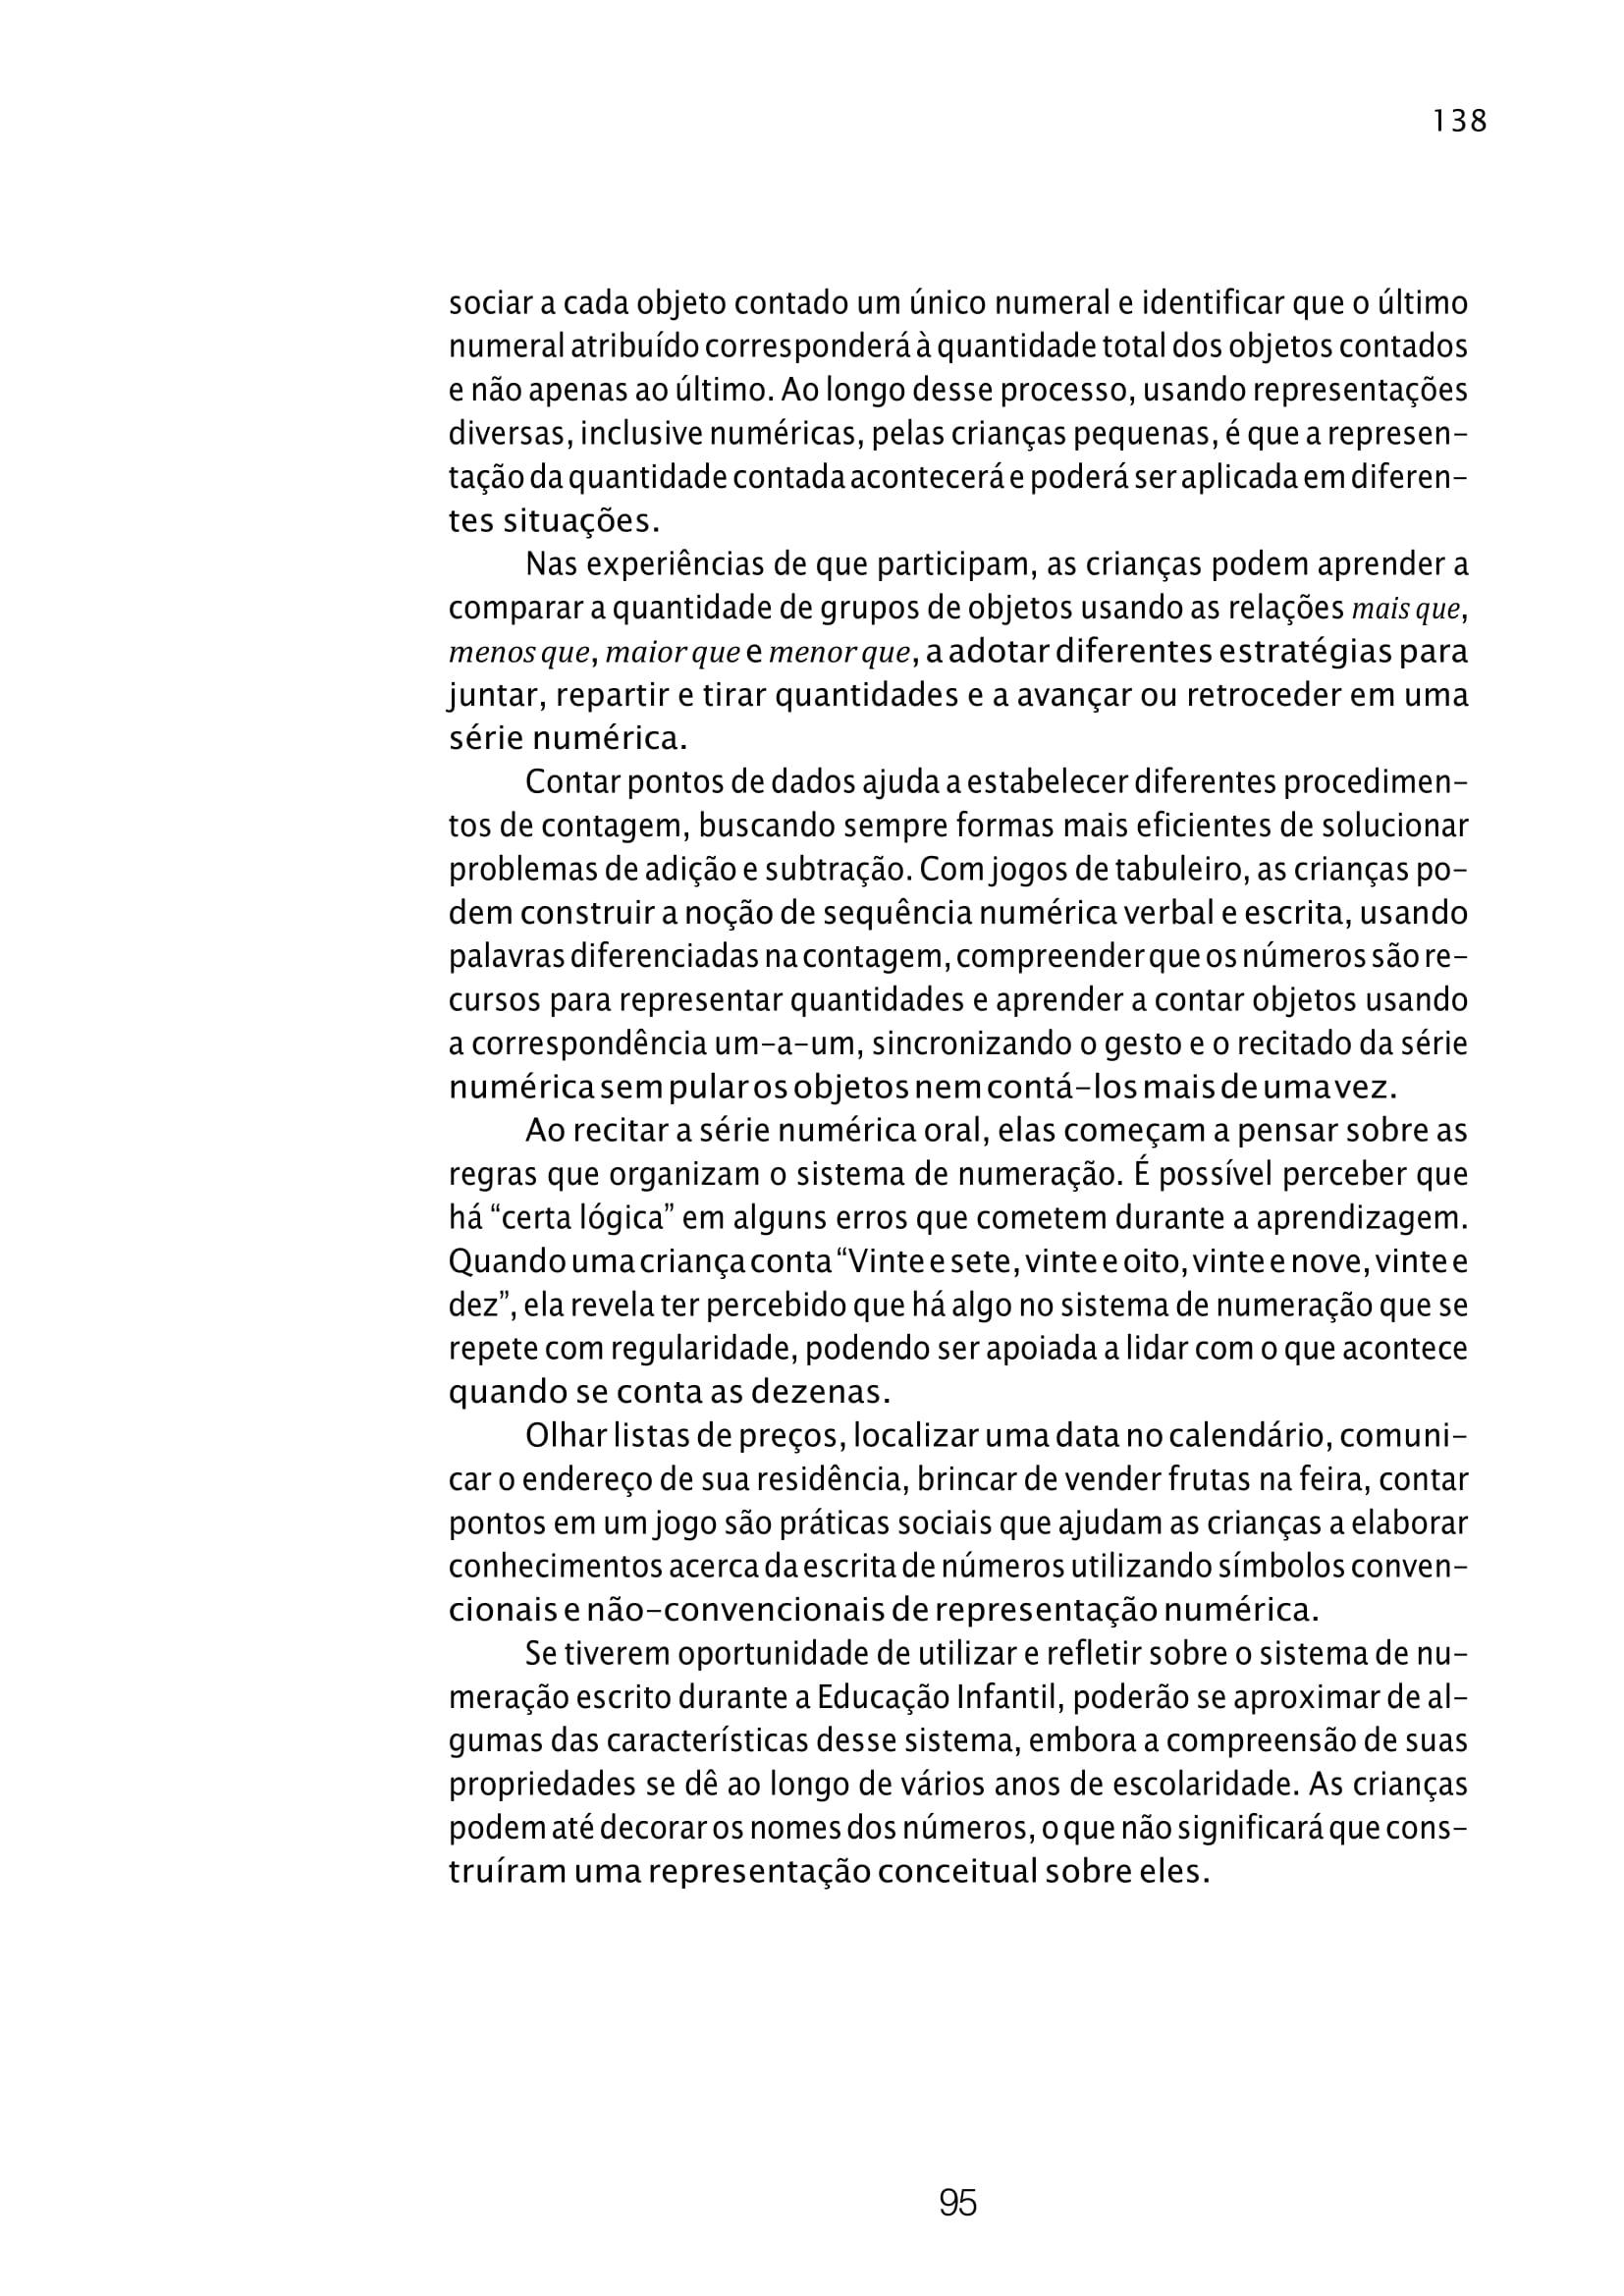 planejamento-educação-infantil-bncc-geral-168